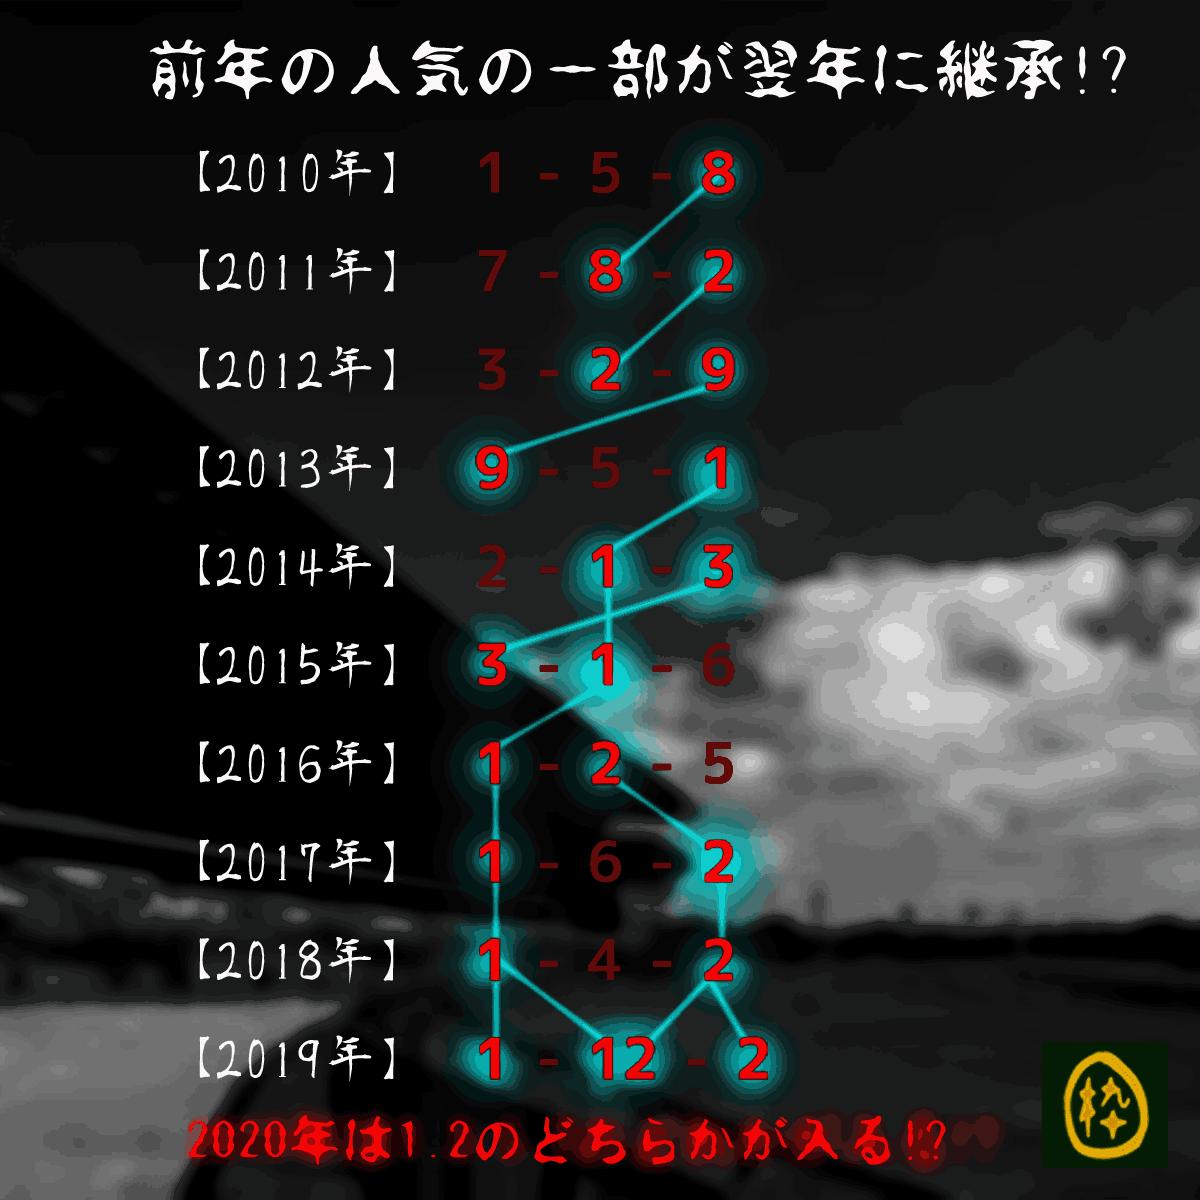 2020_オカルト1_オークス